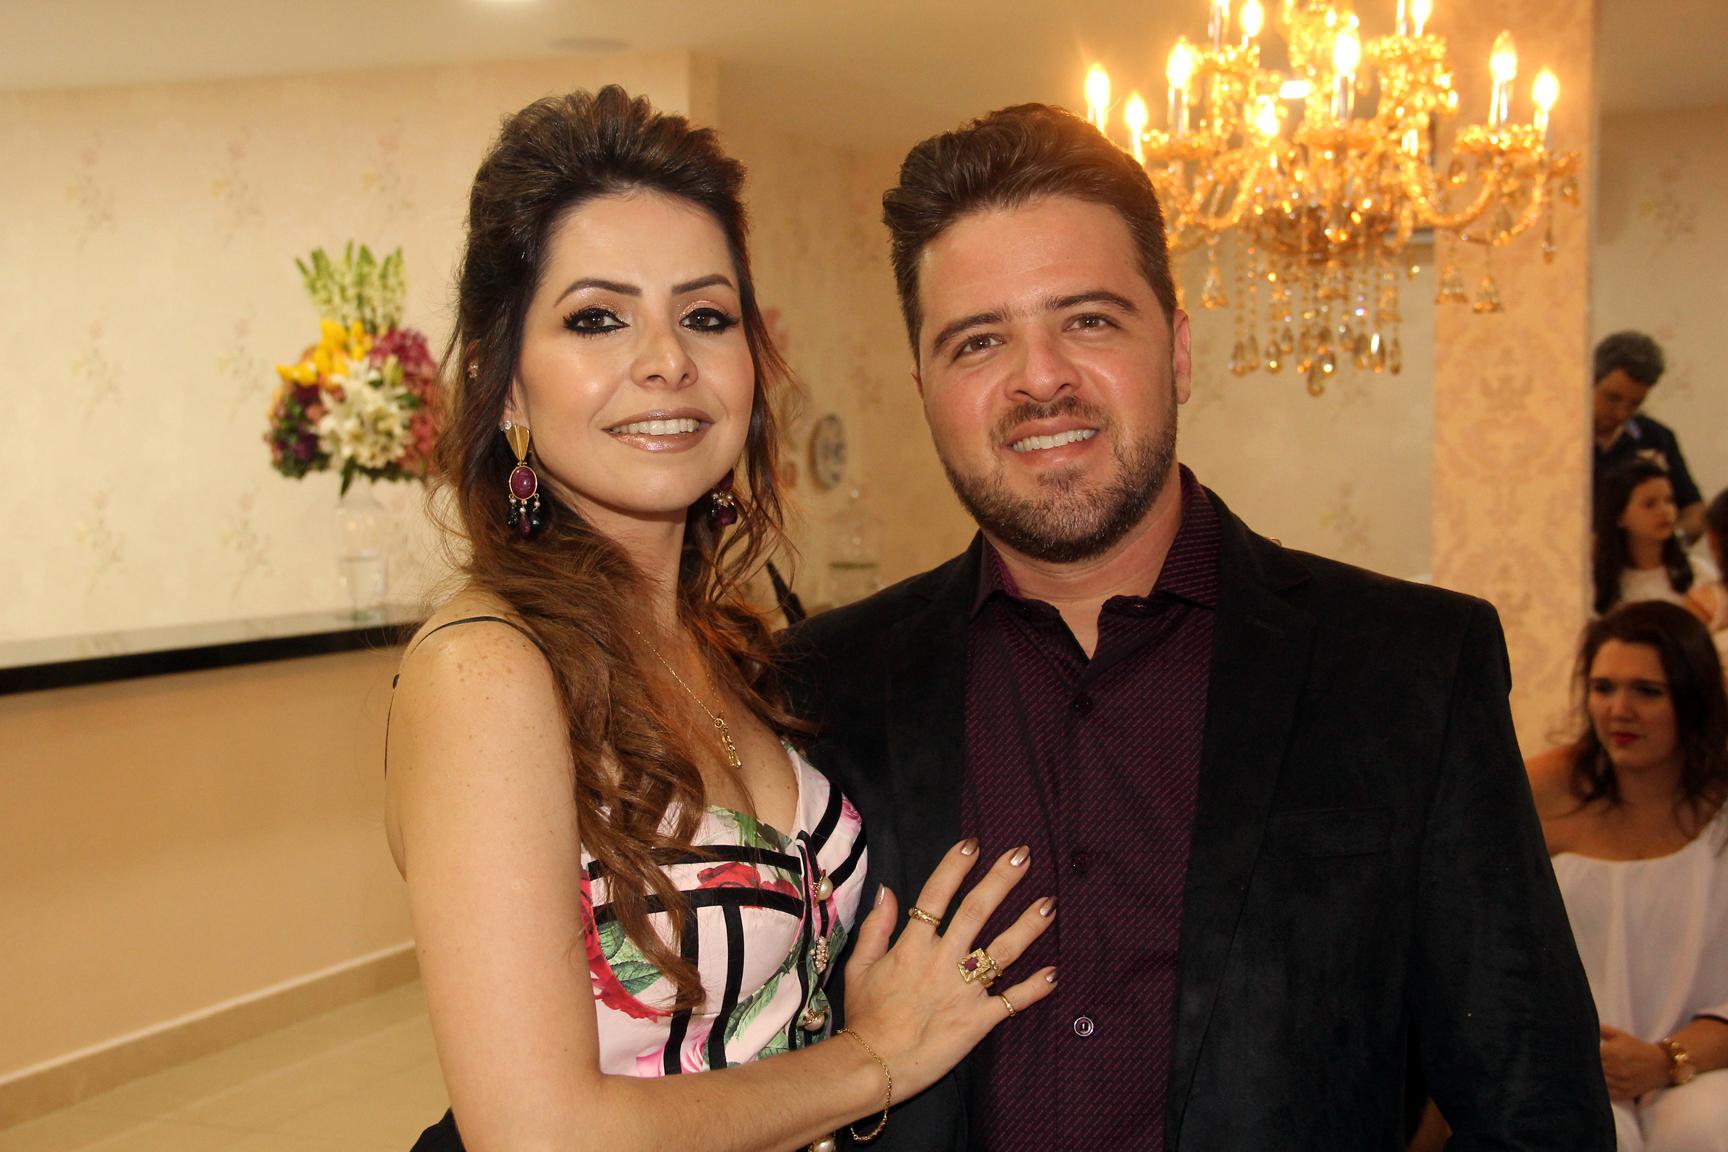 A empresária Ludmyla Vasconcelos e o seu marido, Marco Aurélio Vasconcelos receberam os convidados no evento de inauguração da nova sede da Loja Amoreco.